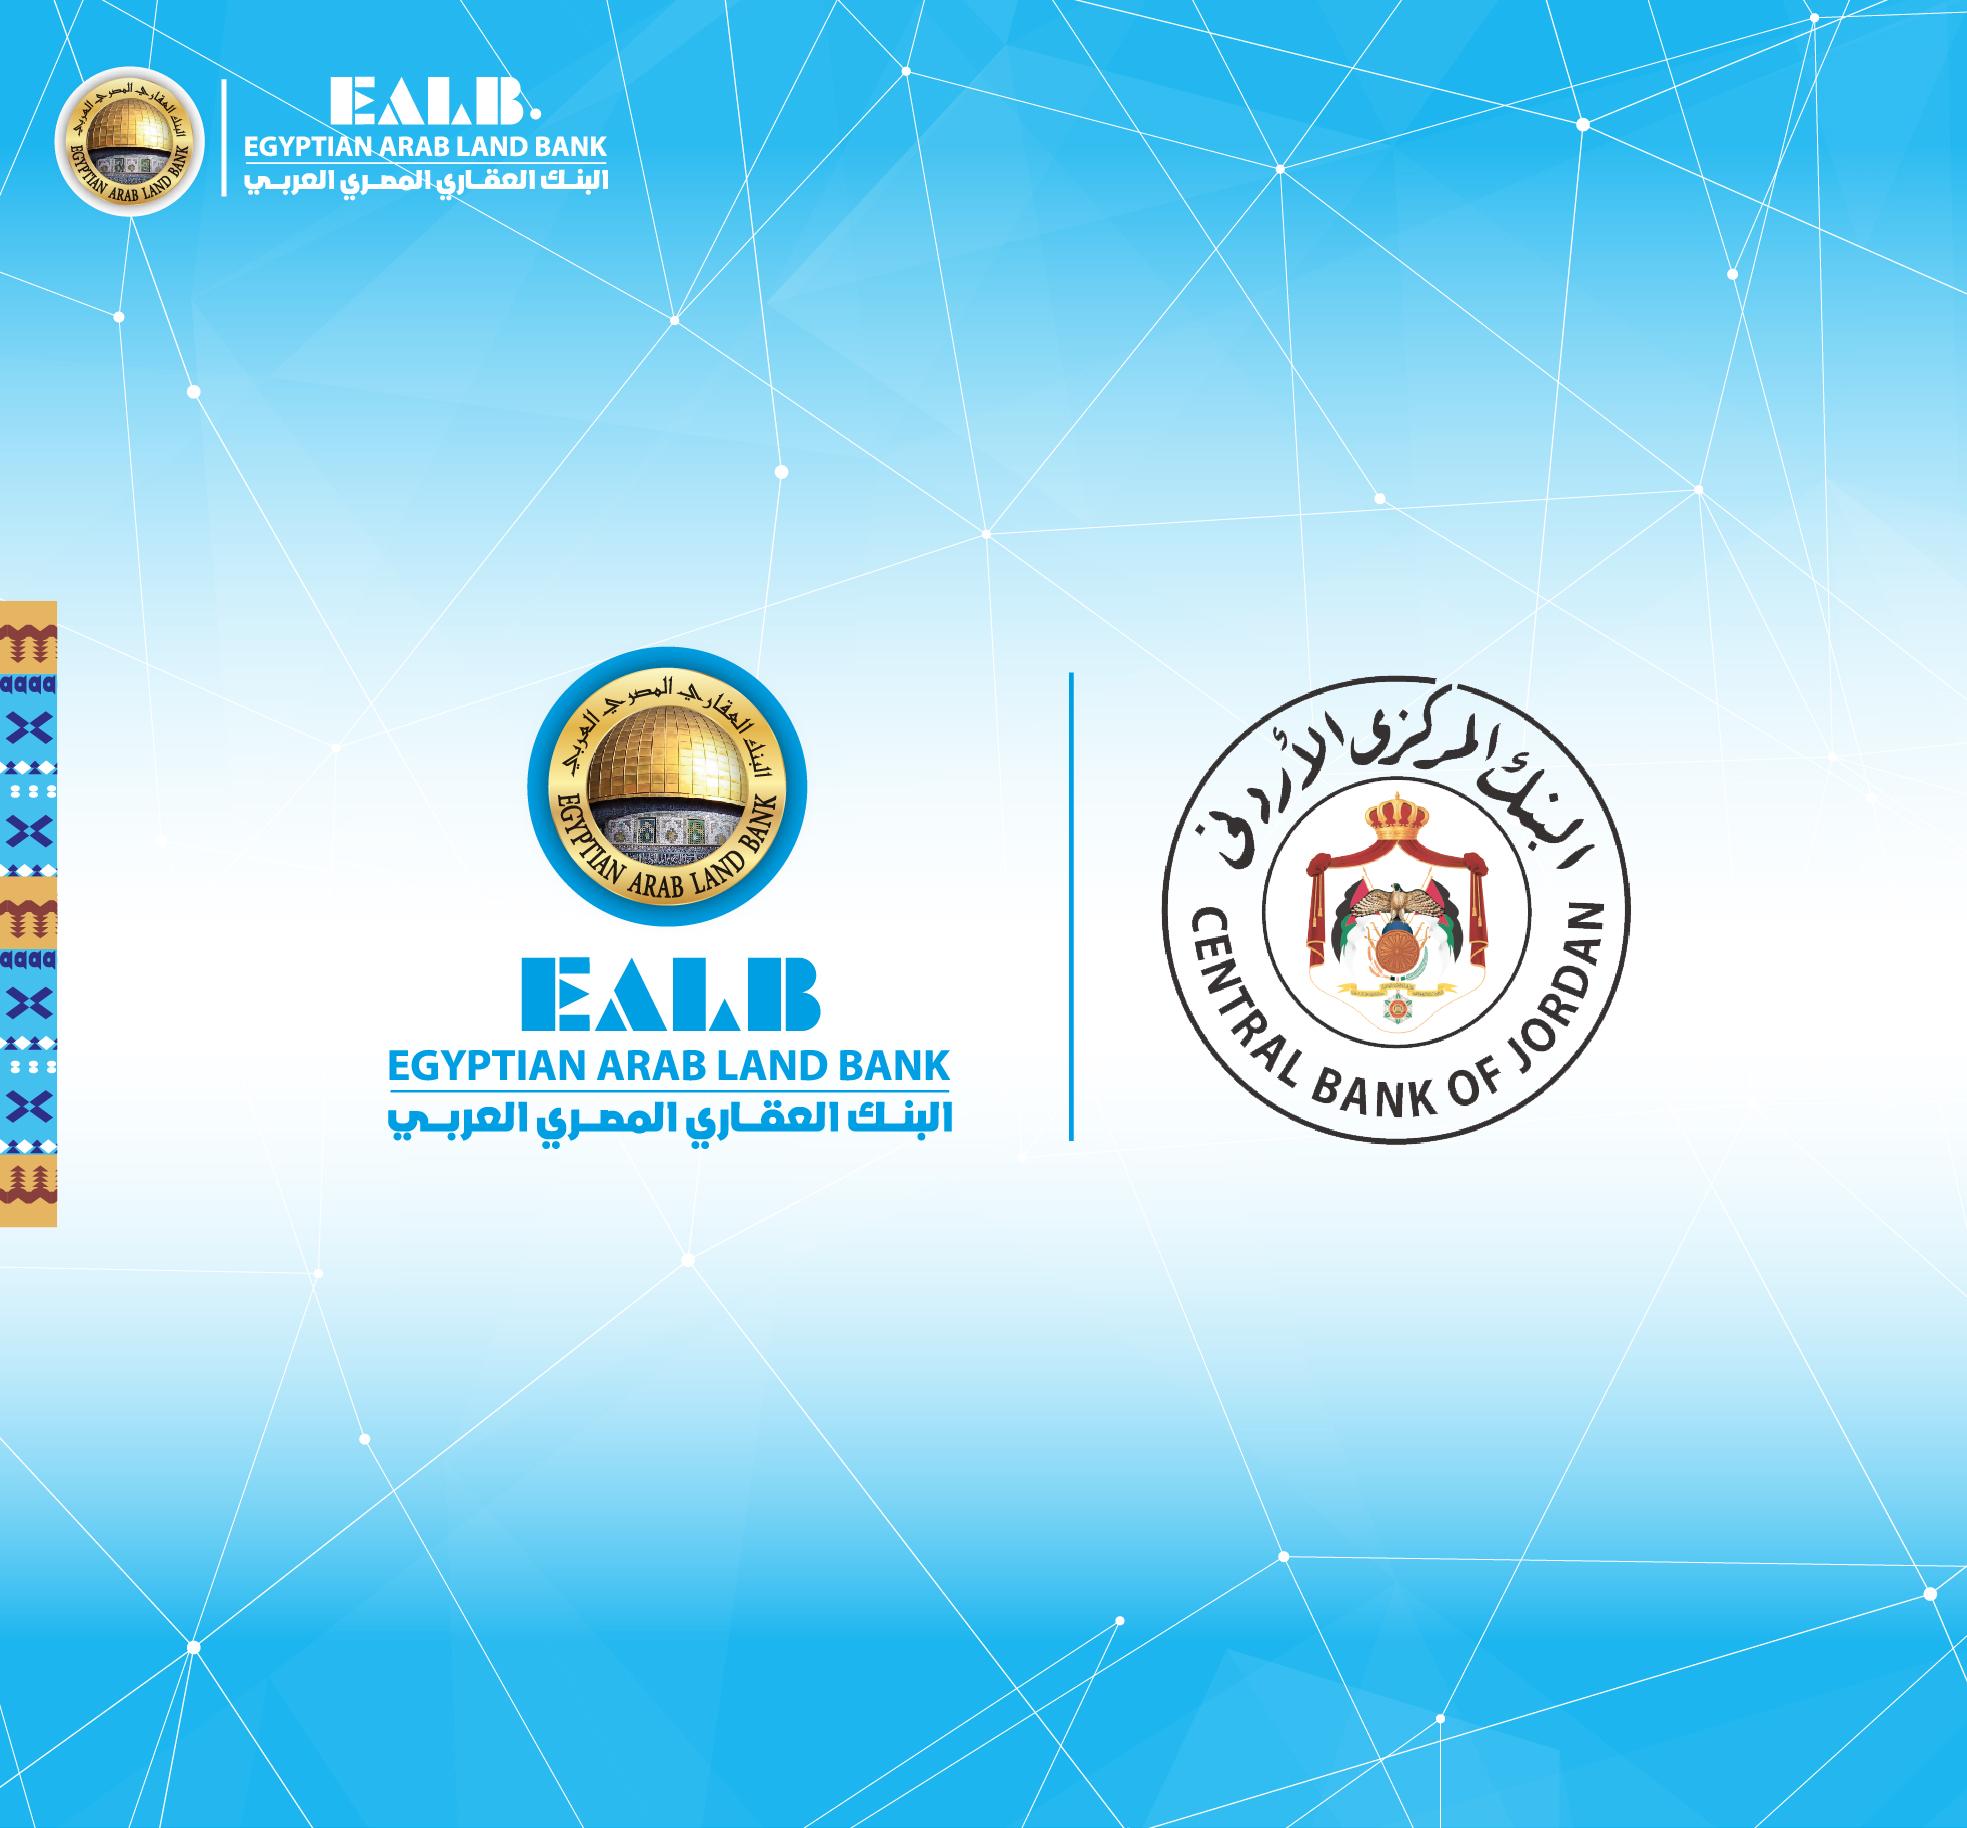 البنك العقاري المصري العربي يشارك في حملة التوعية لنشر وتعزيز الثقافة المالية